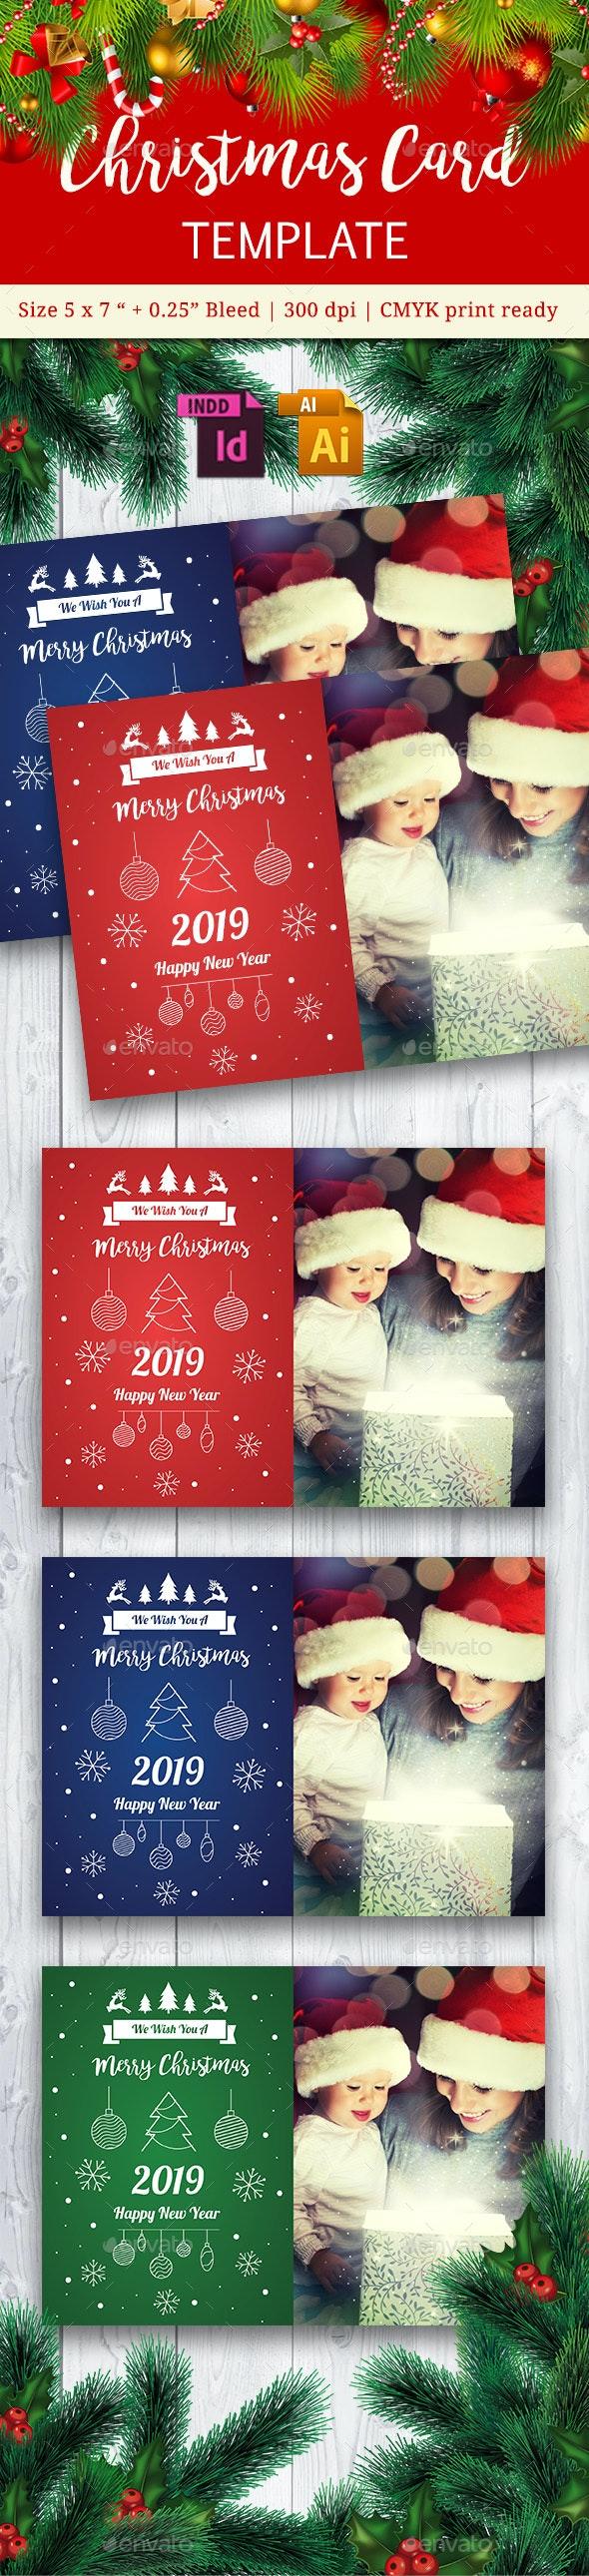 Christmas Card Vol. 7 - Christmas Greeting Cards